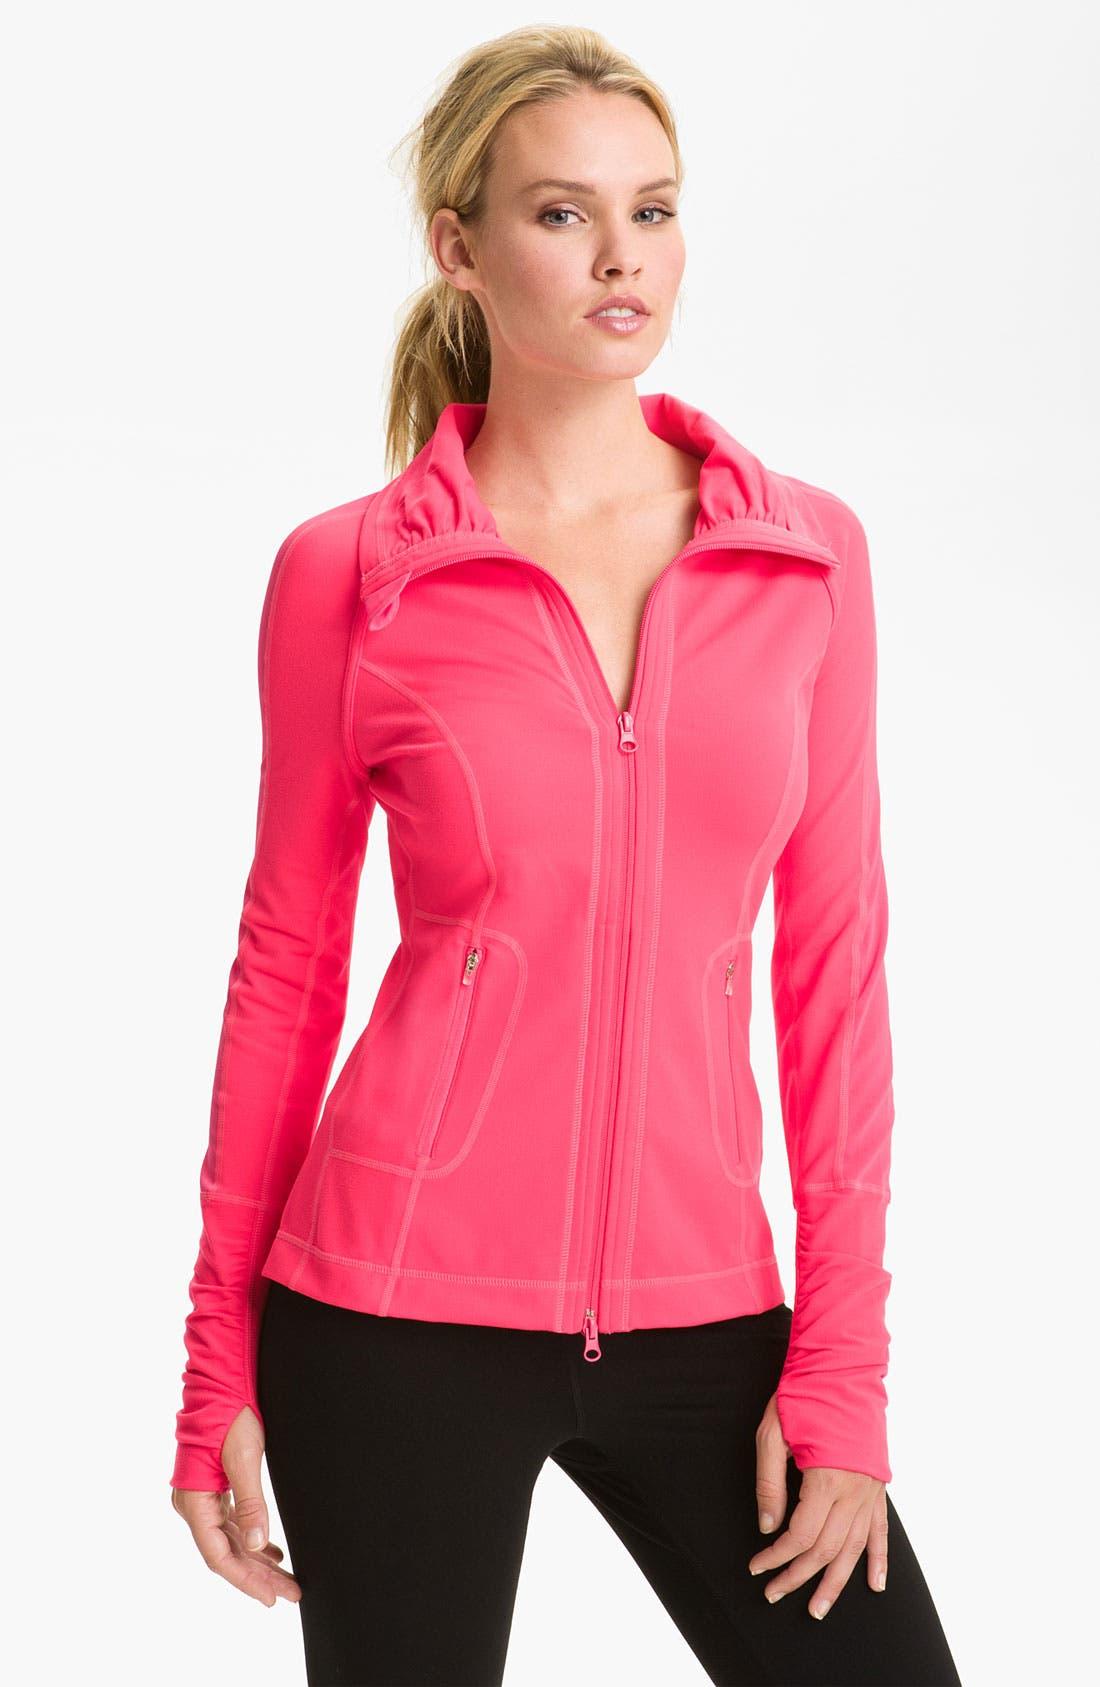 Main Image - Zella 'Glam' Jacket